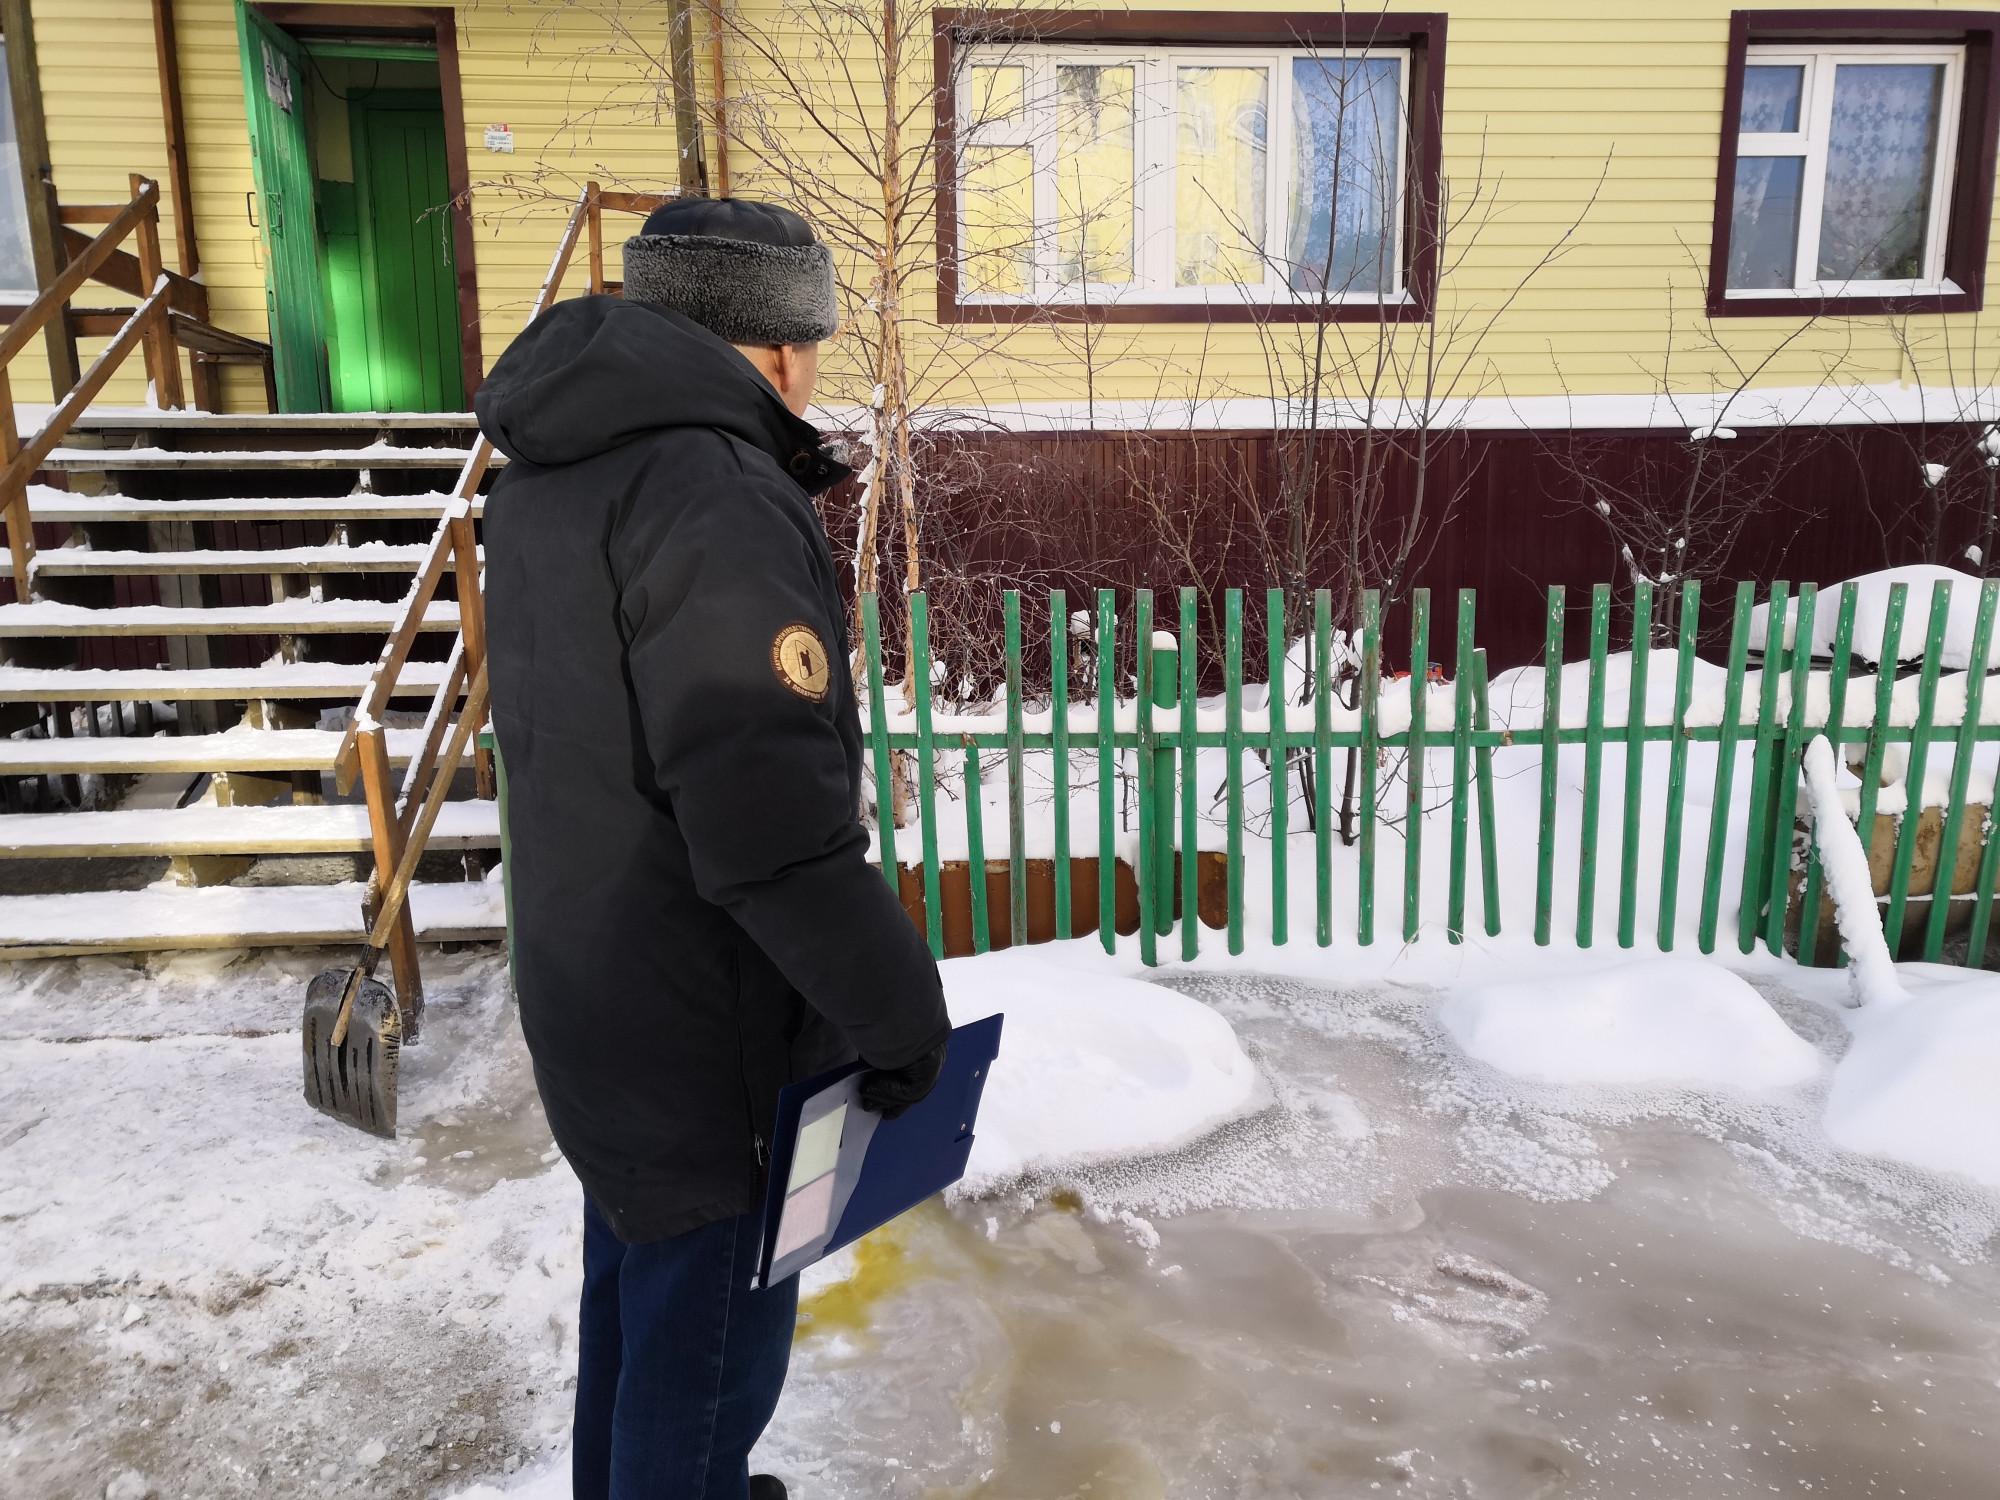 УК, заморозившей канализацию в Якутске, грозит штраф в 50 тысяч рублей